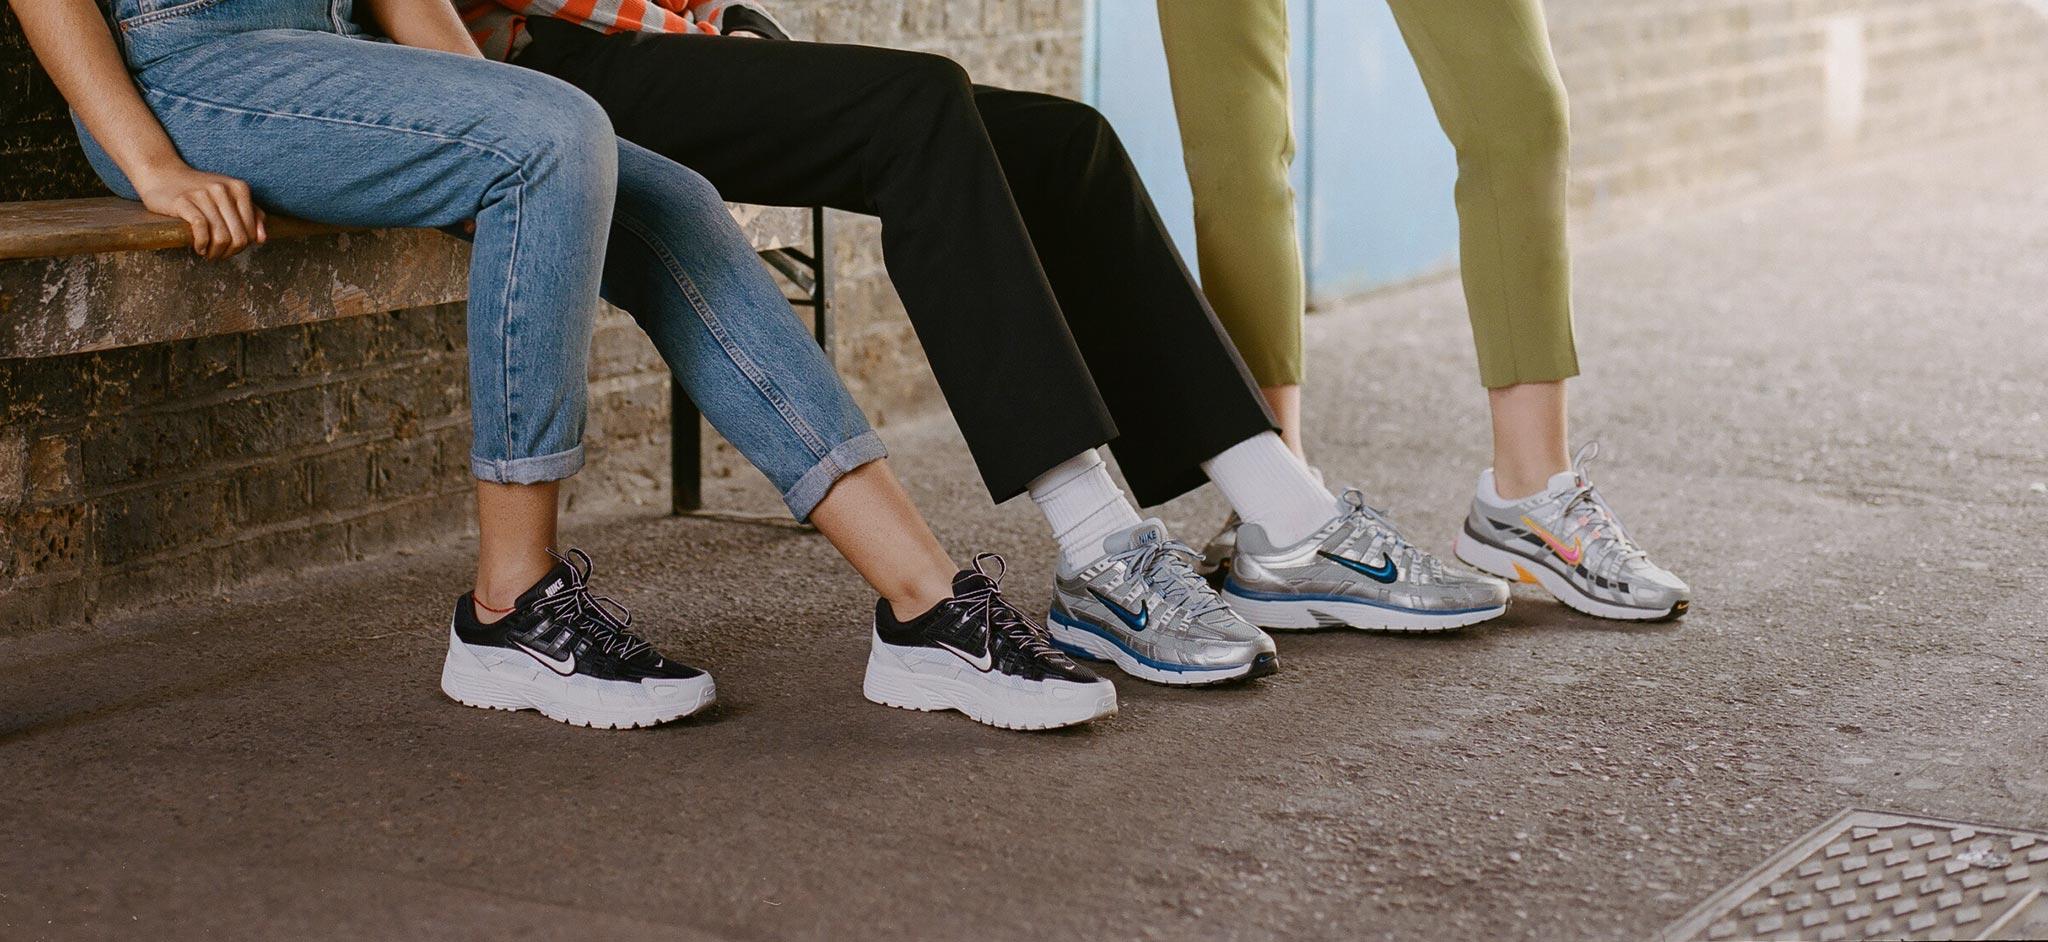 outlet store d85ab 101d6 size    Shop Sneakers, Tøj   Tilbehør   Trainers, T-Shirts, Jakker ...